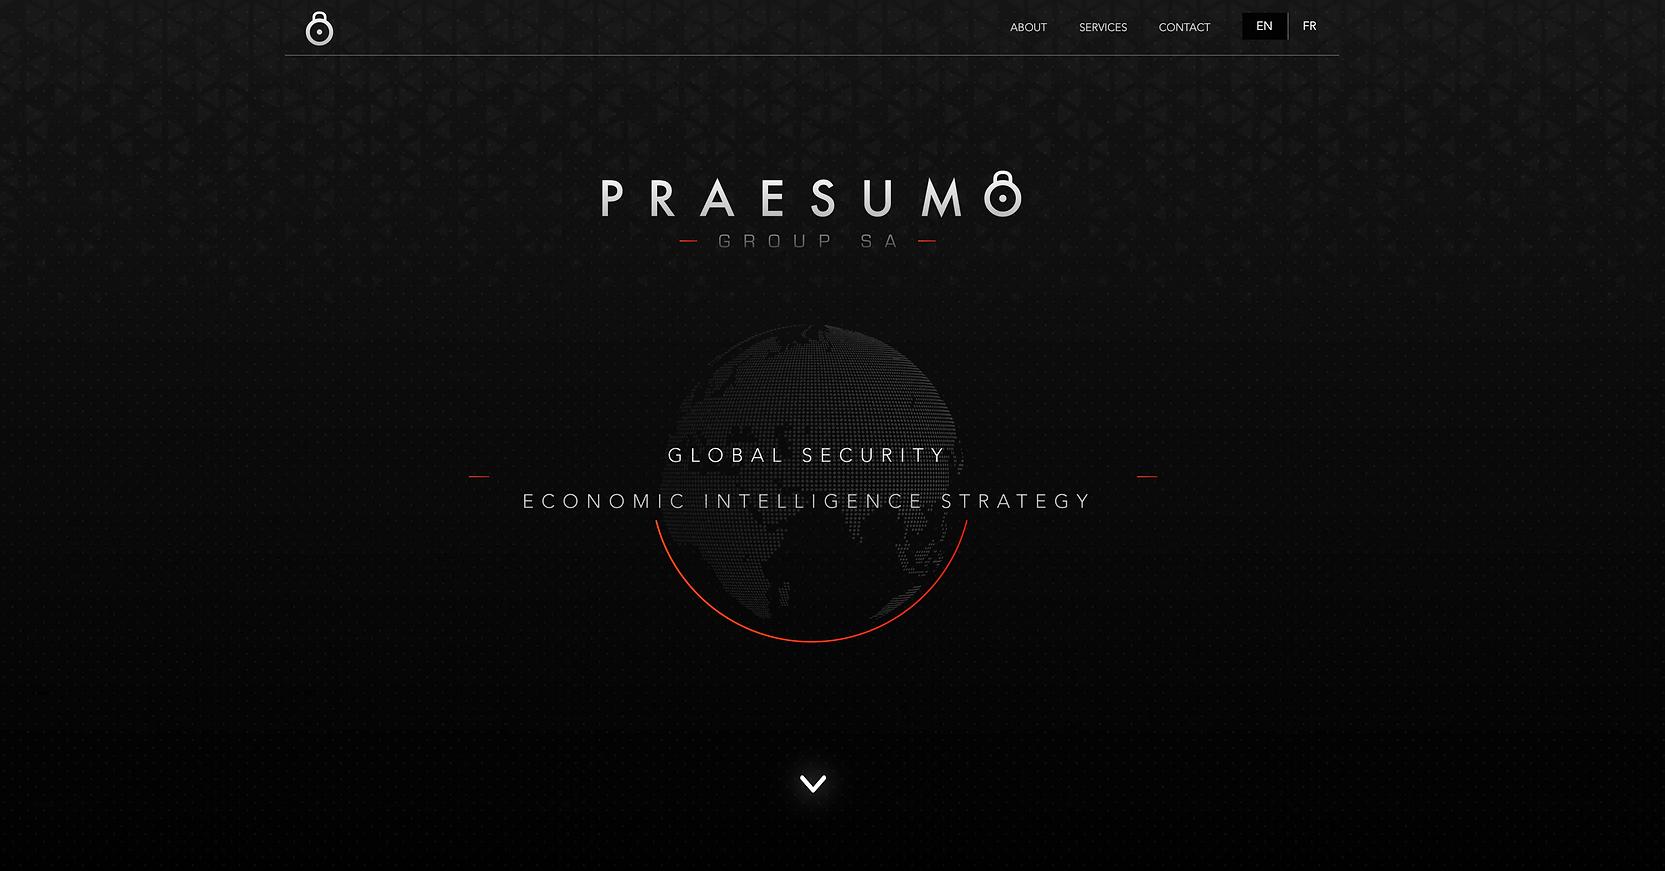 Screenshot_site_Praesumo_1.png